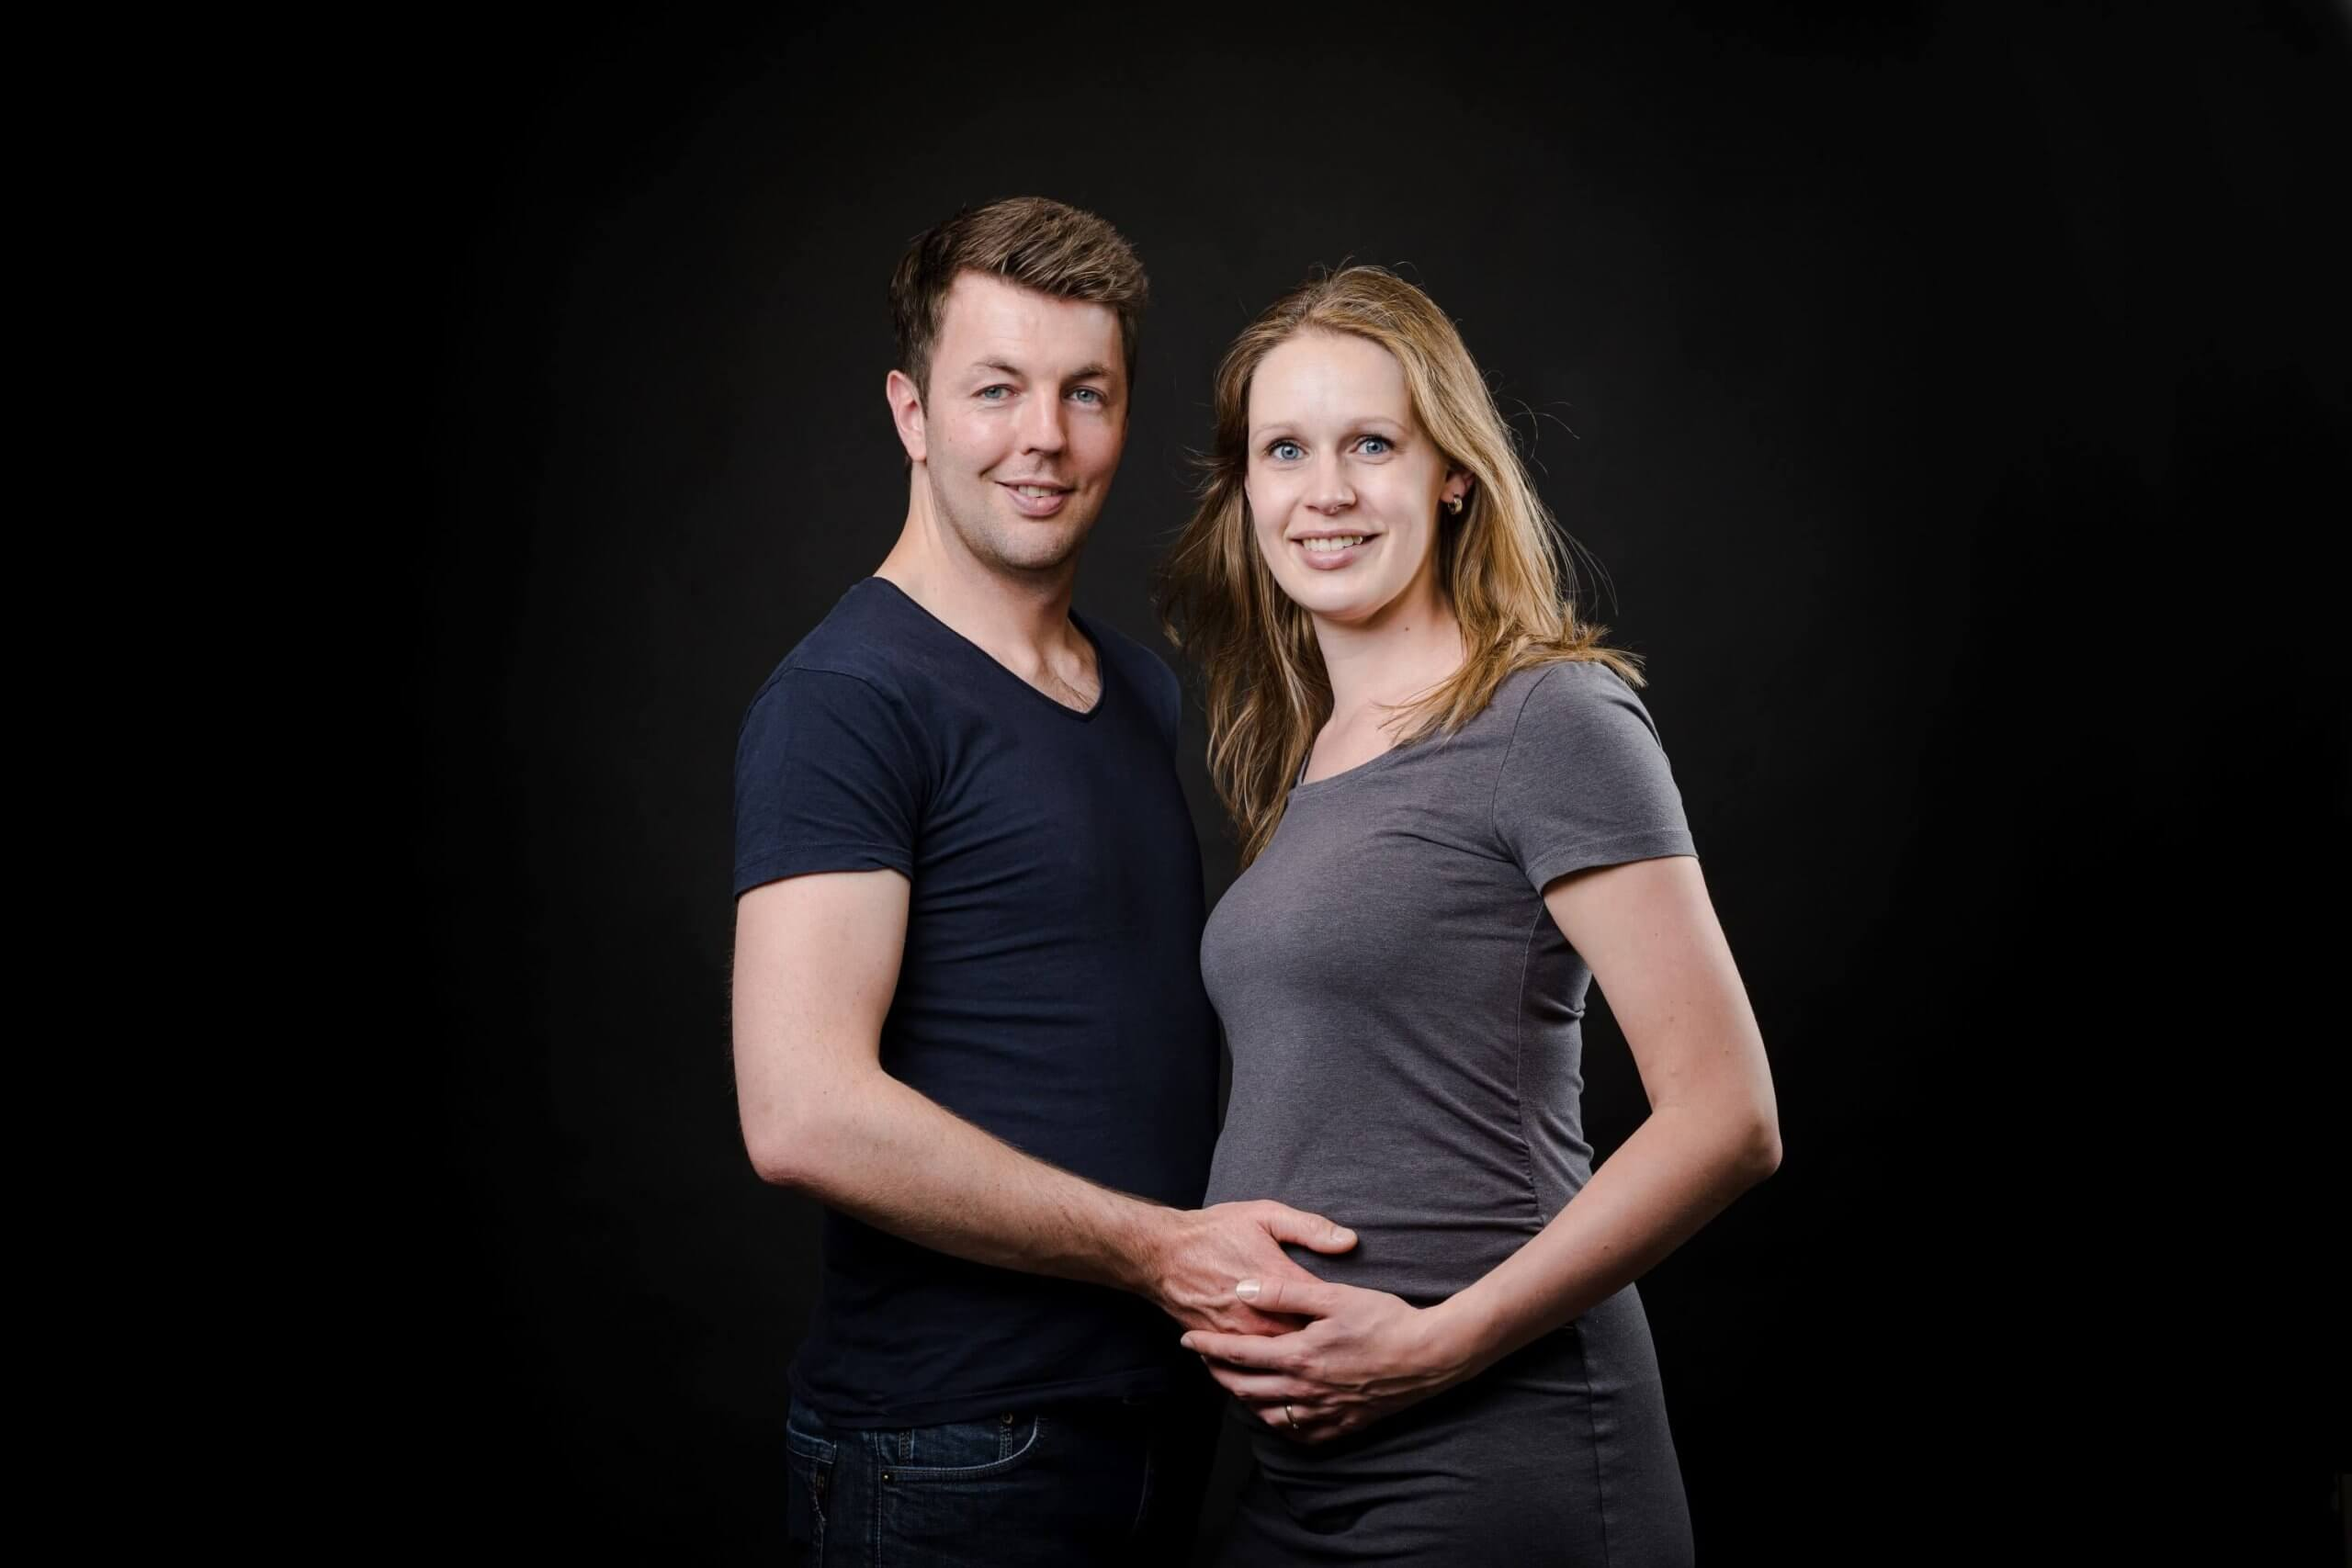 Zwangerschap samen ouders fotoshoot de bilt zeist soest soeterberg